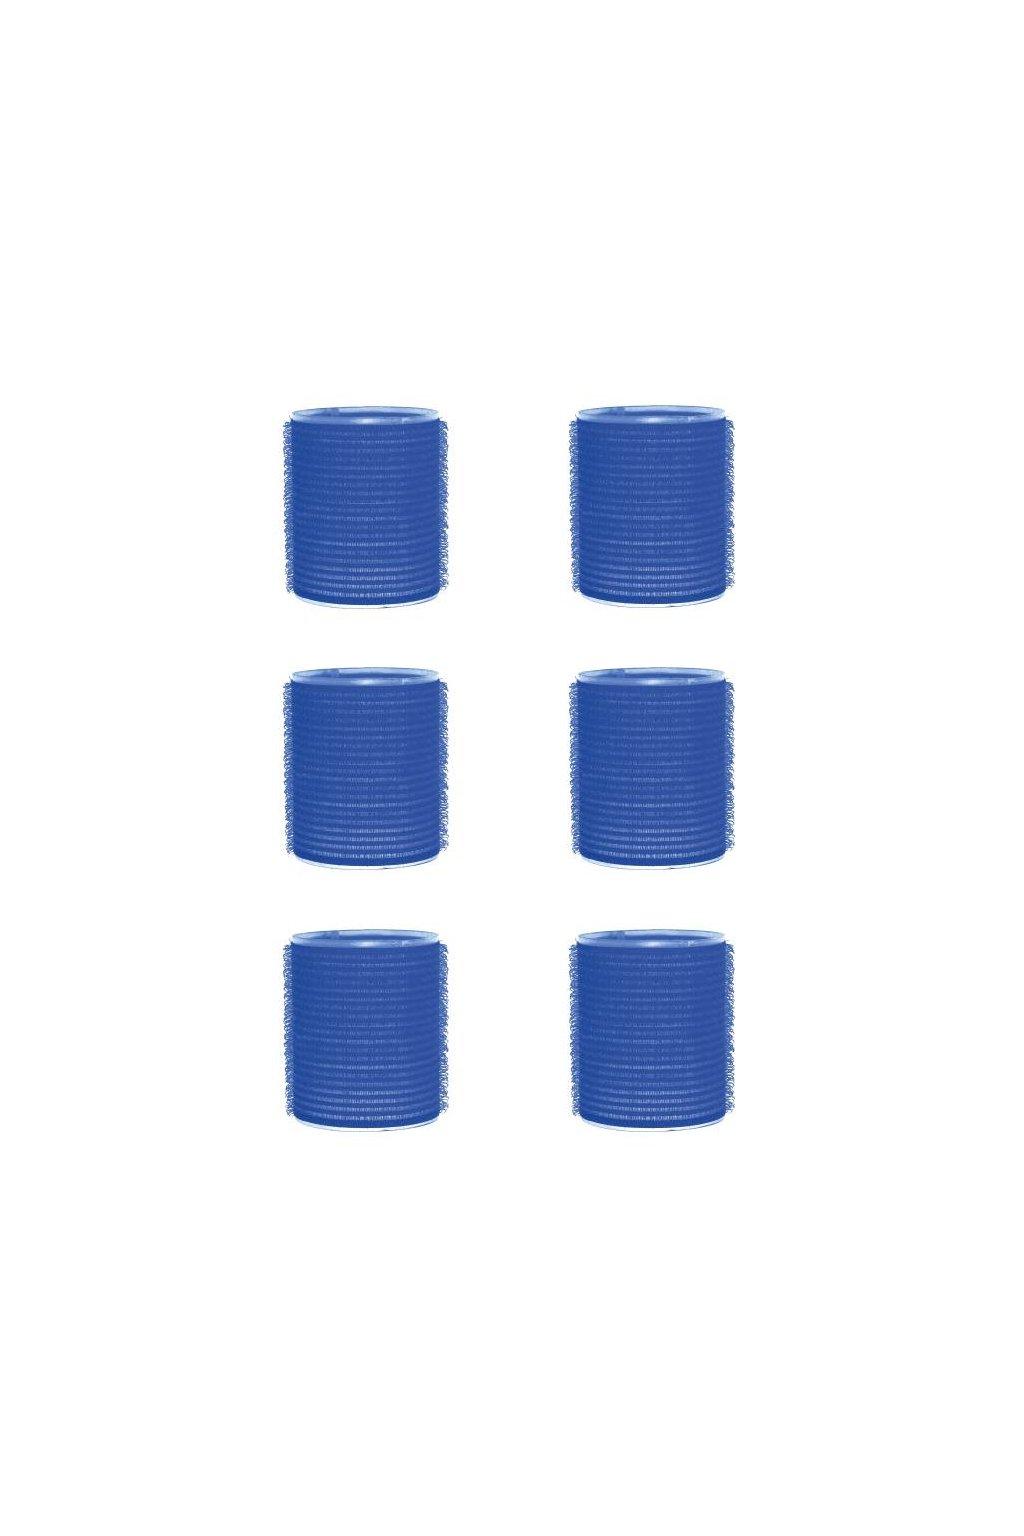 Natáčky suchý zip průměr 51mm modré tmavé Xanitalia